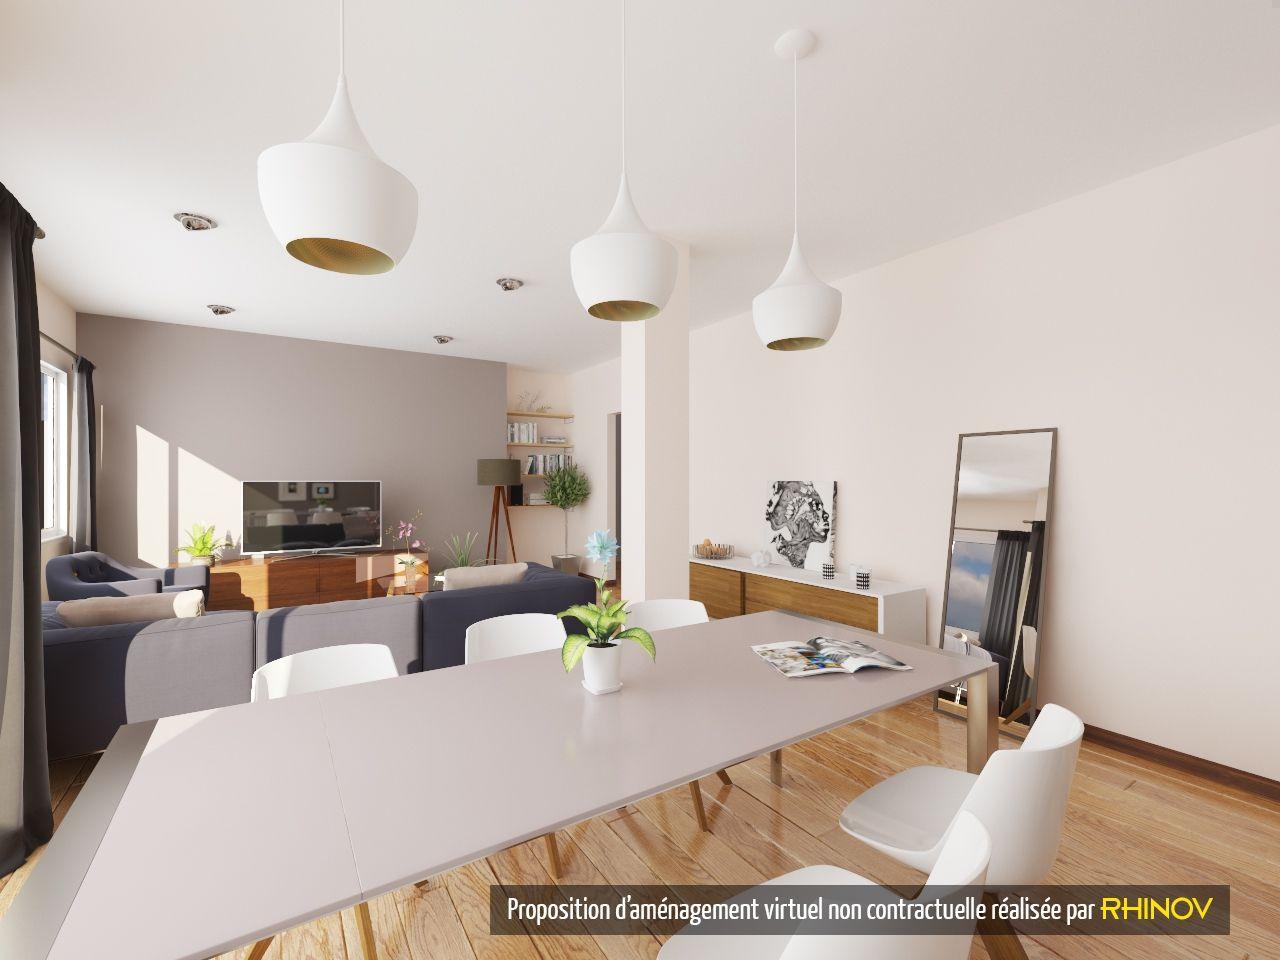 Prestation rhinov visuel 3d salle manger scandinave cocooning pro - Salle a manger cocooning ...